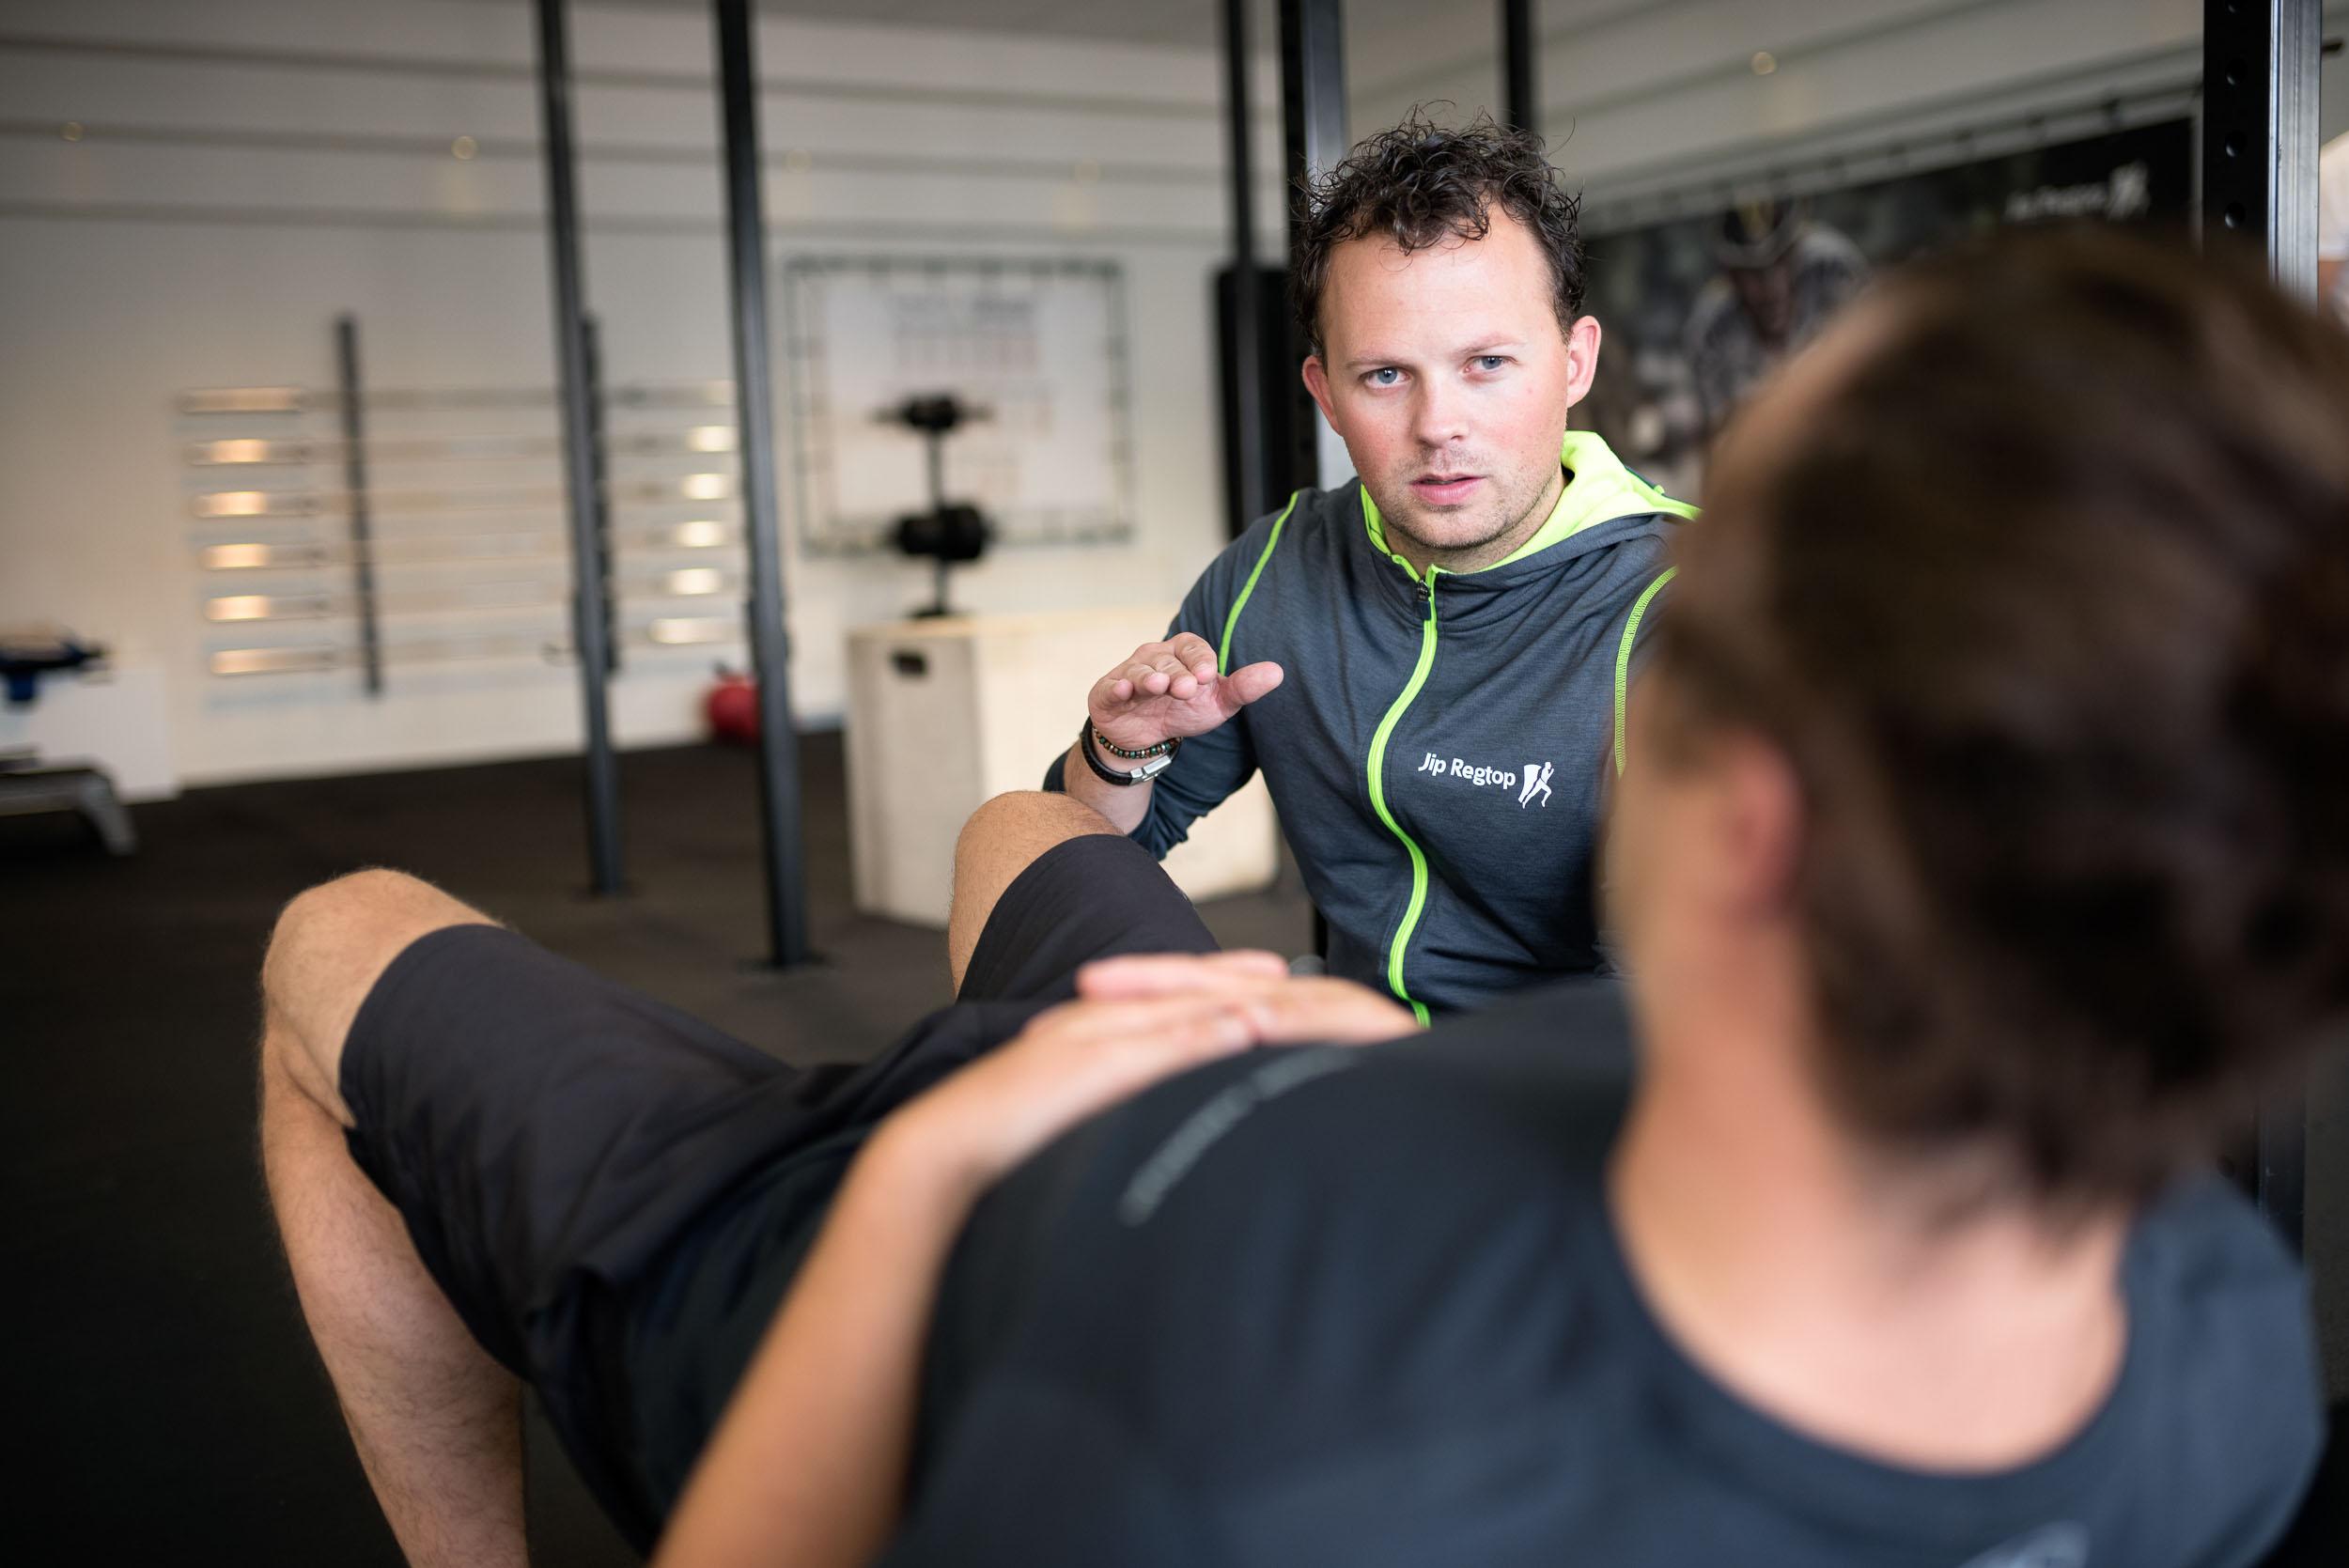 Bedrijsreportage Jip Regtop Fysiotherapie - Situatie Sportfysio coaching